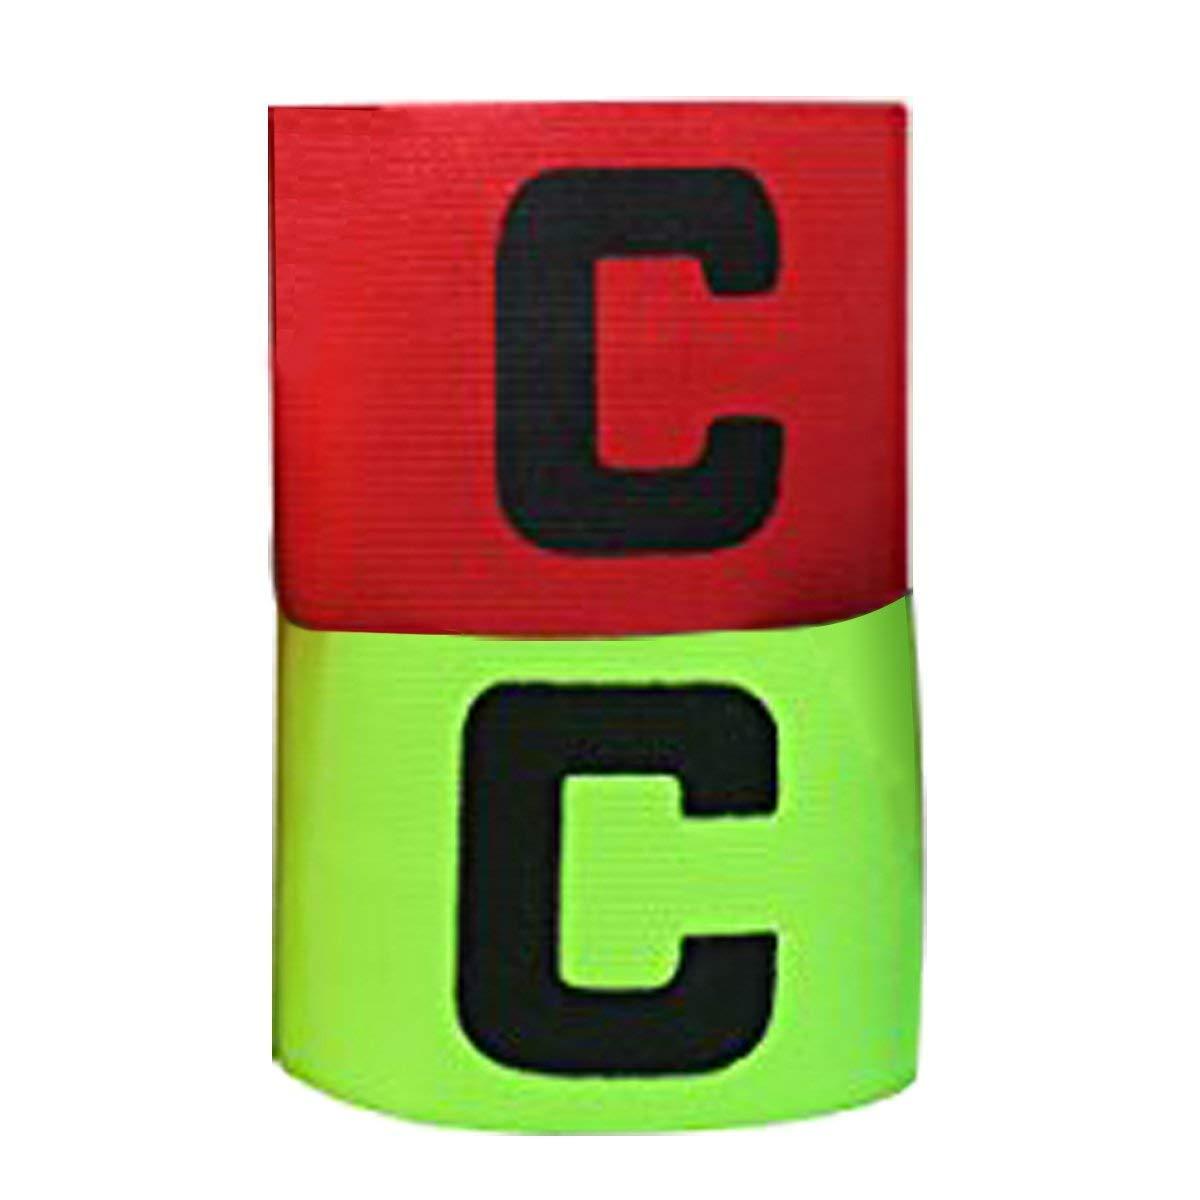 AUVSTAR Fußball-Kapitäns-Armbinde-Juniorfußball-Elastische Armbänder, Flausch für Justierbare Größe, passend für mehrfache Sport einschließlich Fußball u. Rugby, Hockey u. Gälischen Fußball